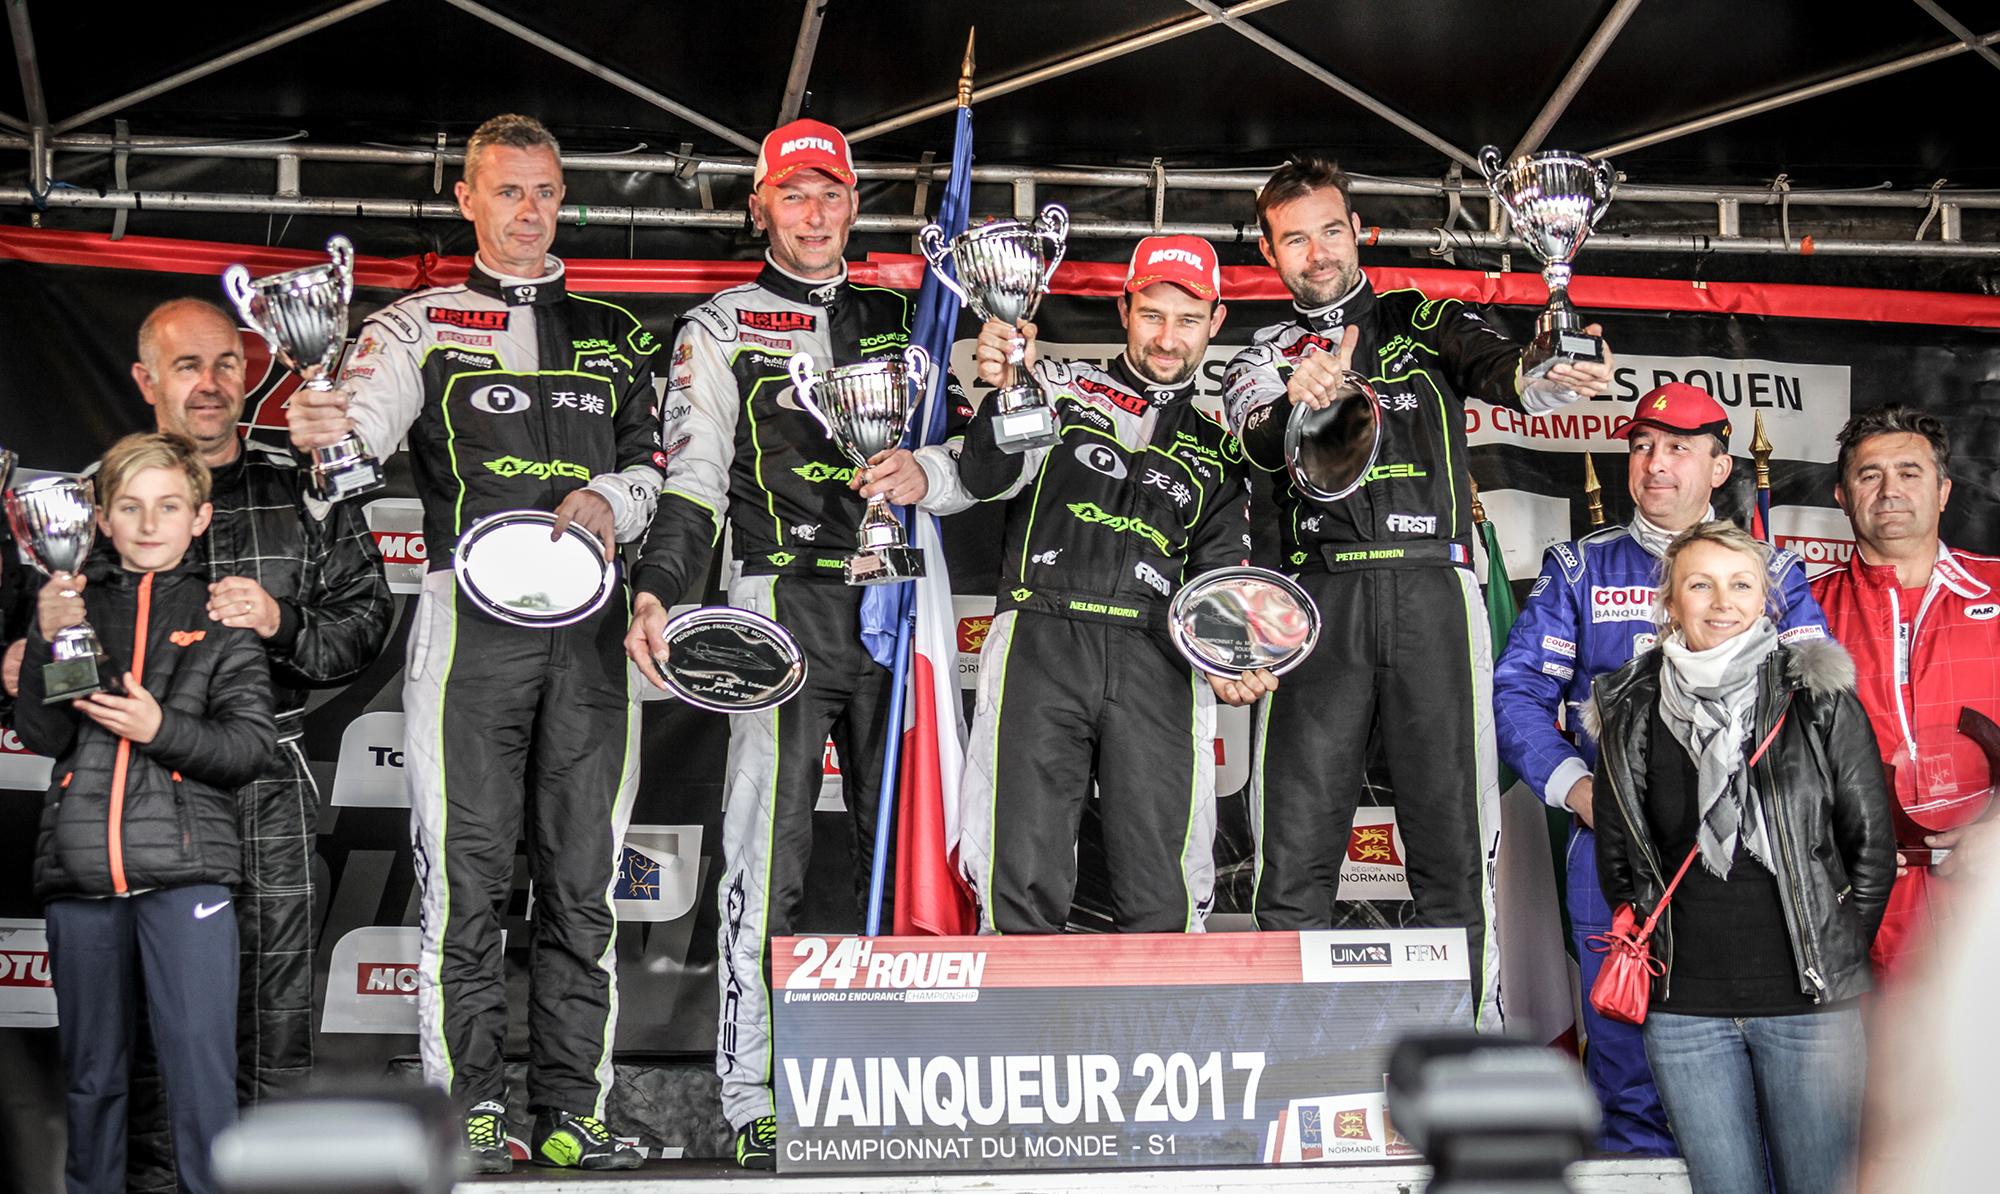 24h motonautiques 2017 : victoire du team Nollet